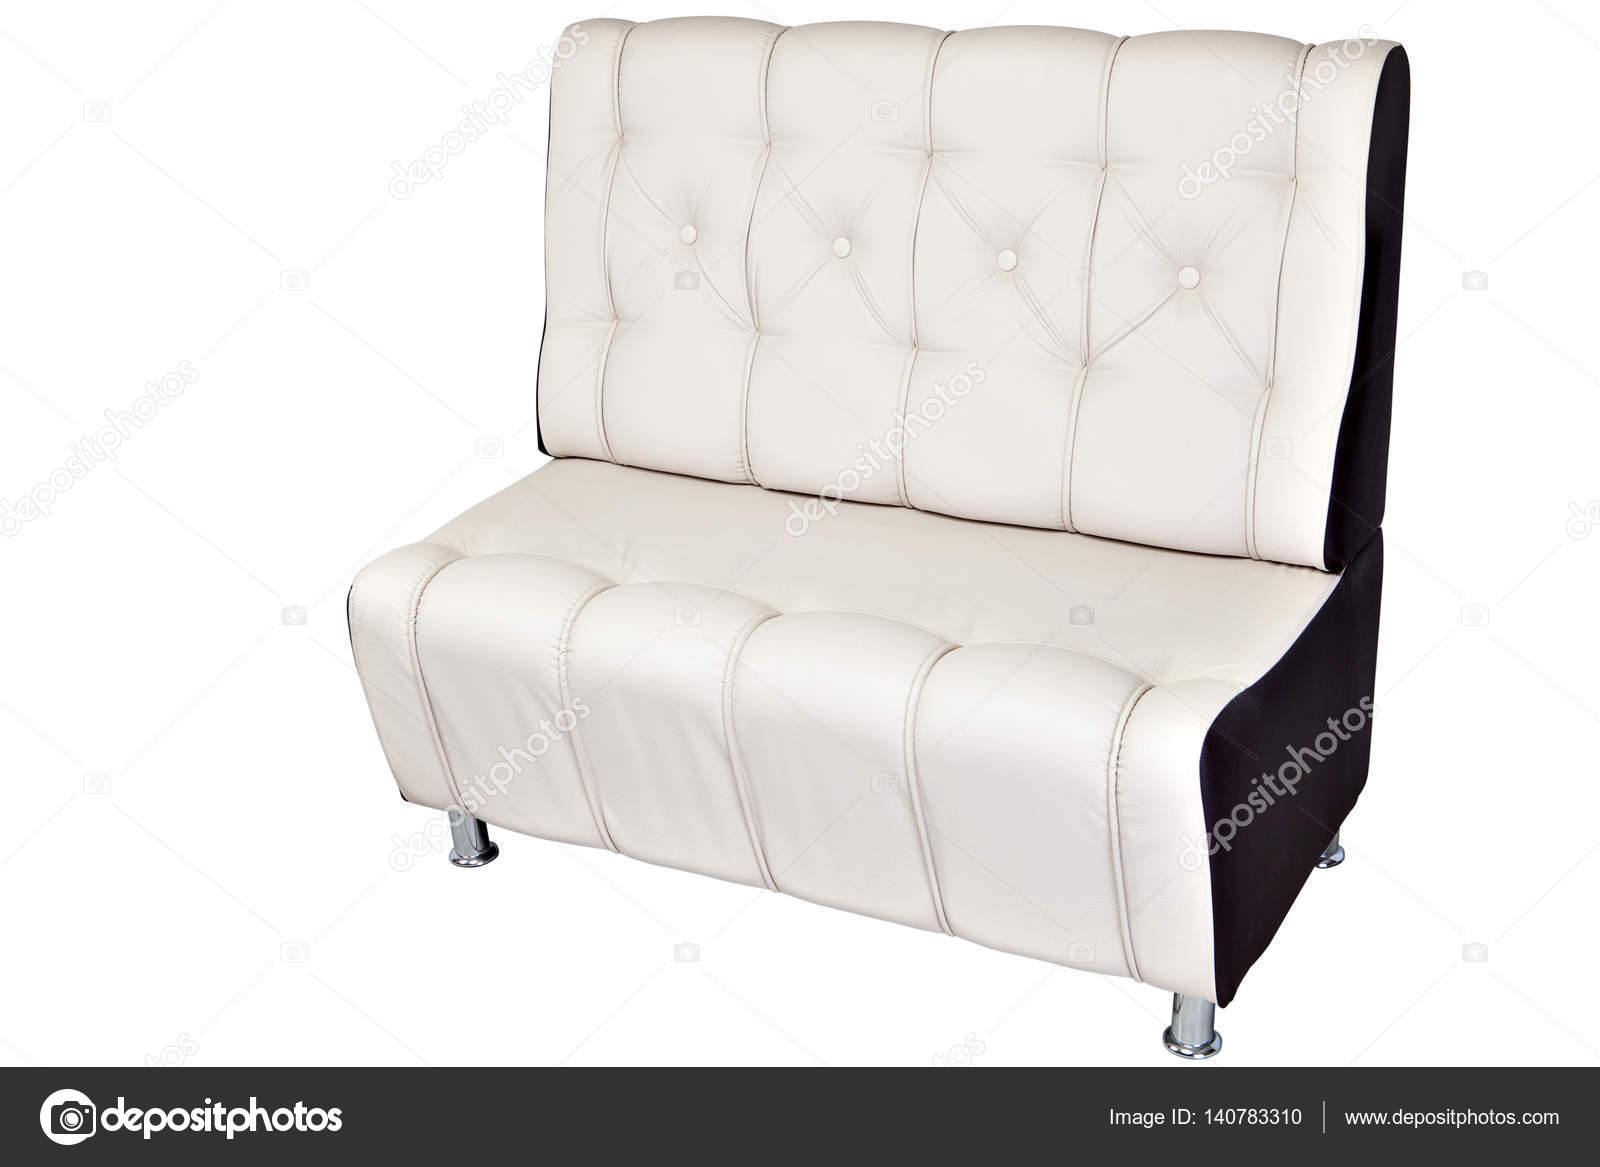 Dobles plazas Sofá salón cuero blanco aislado en blanco — Foto de ...